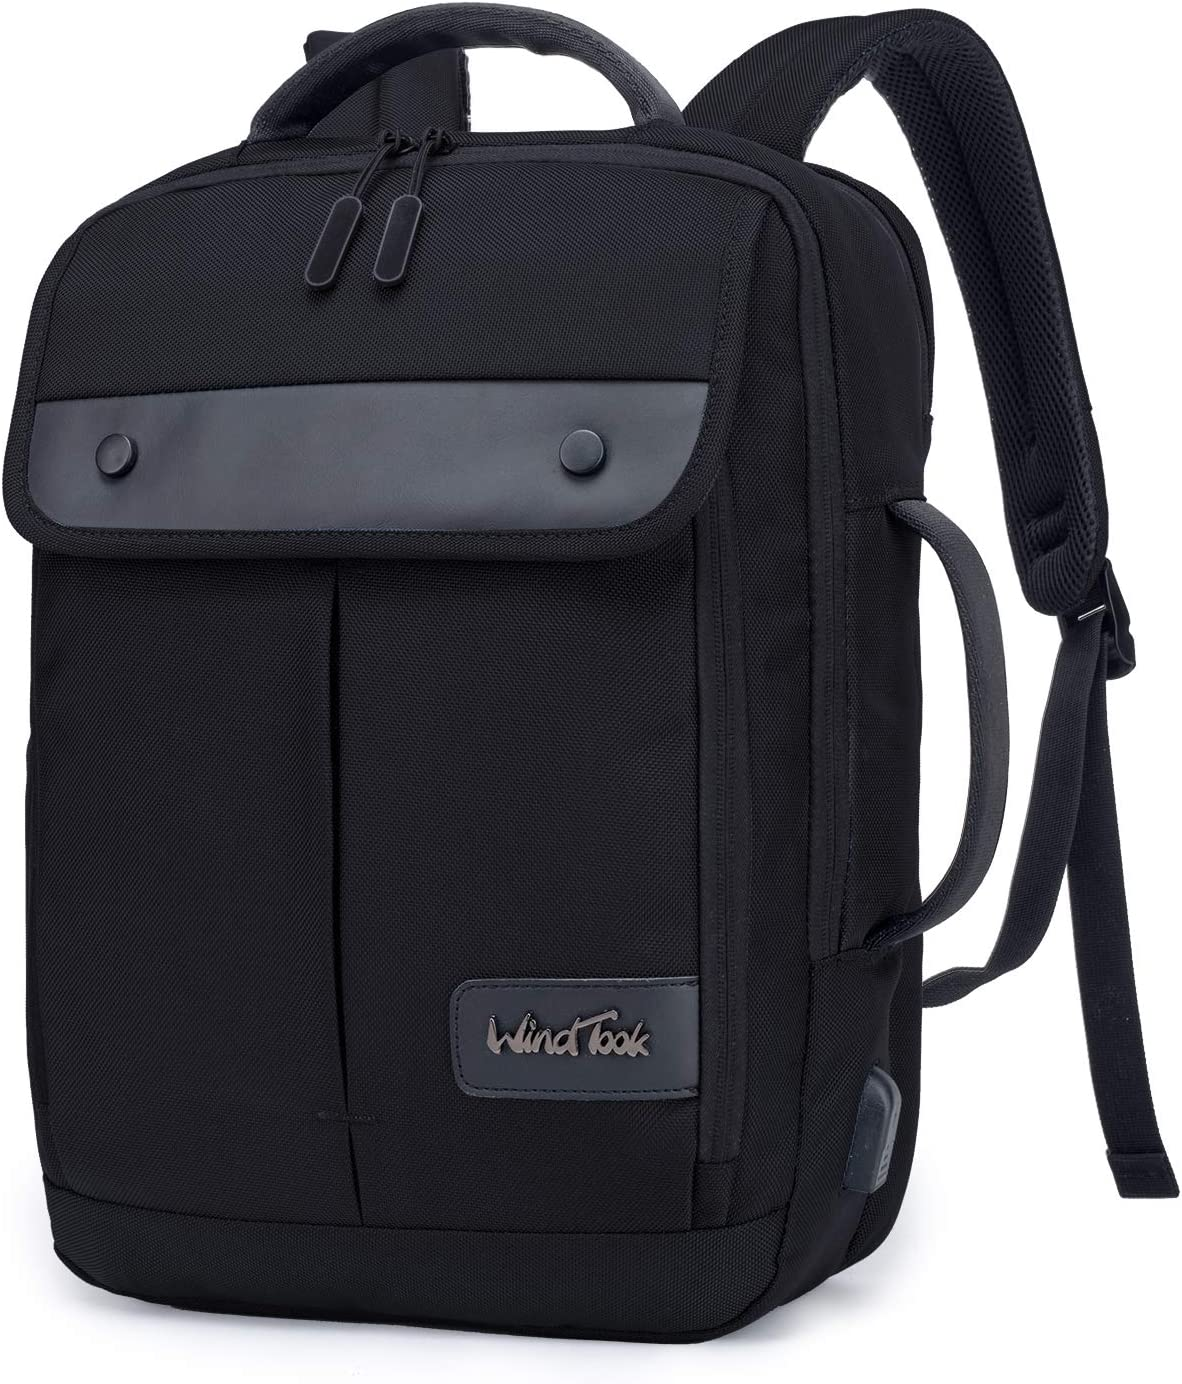 WindTook Mochila Ordenador portatil 15.6 Pulgadas Mochila de Hombre Trabajo con Puerto de Carga USB Mochila de Negocios Adecuado para Viajes Trabajo Escolares Negro